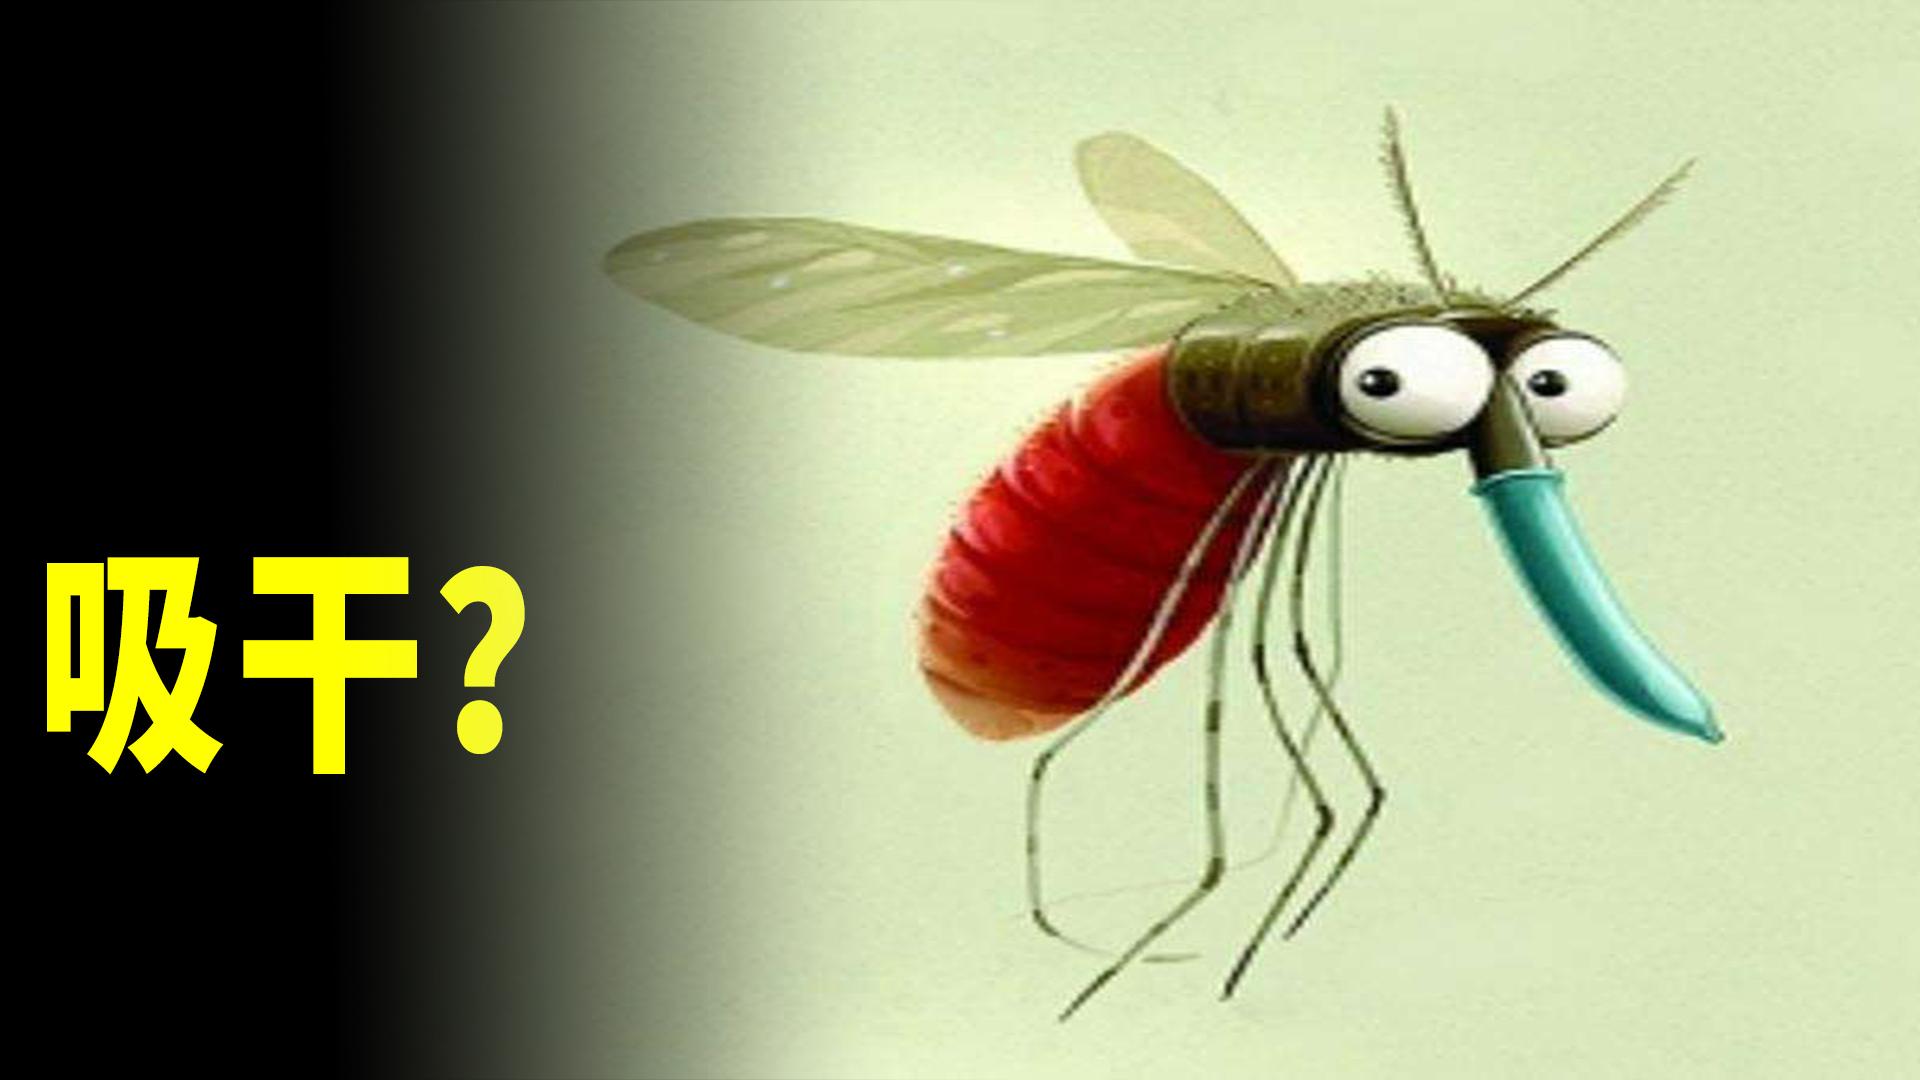 一群蚊子吸血,能把人吸干吗?